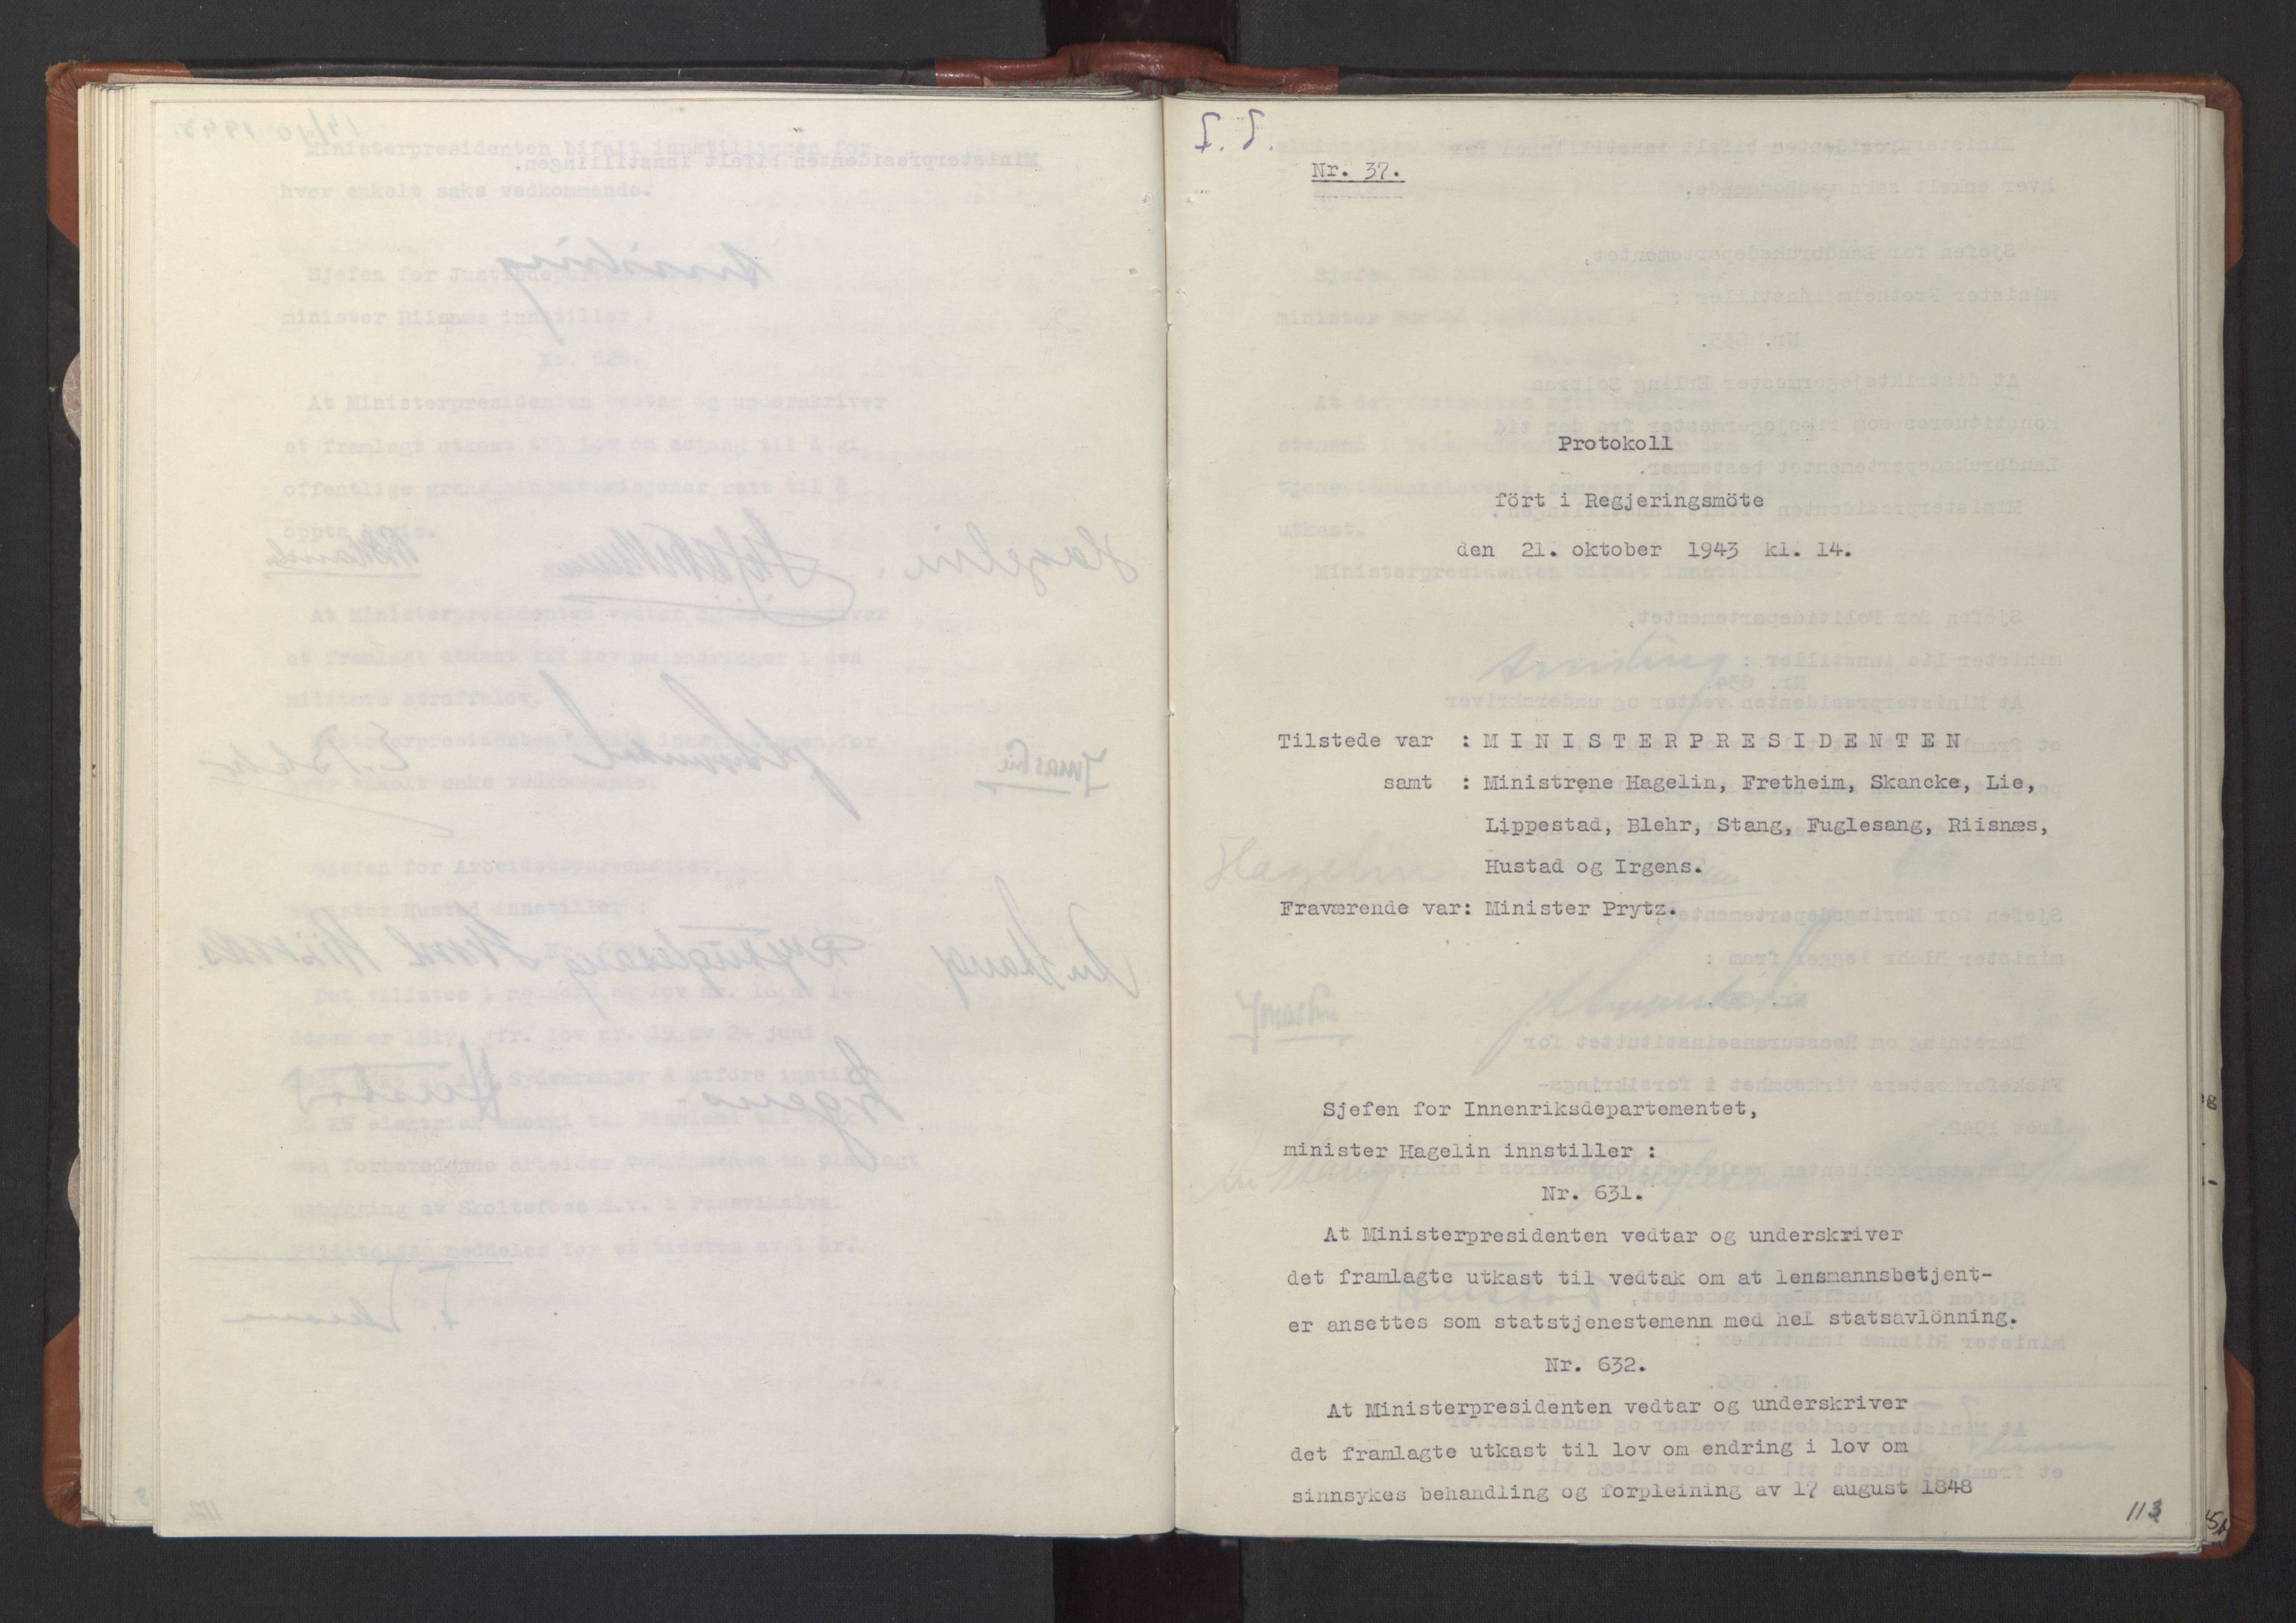 RA, NS-administrasjonen 1940-1945 (Statsrådsekretariatet, de kommisariske statsråder mm), D/Da/L0003: Vedtak (Beslutninger) nr. 1-746 og tillegg nr. 1-47 (RA. j.nr. 1394/1944, tilgangsnr. 8/1944, 1943, s. 112b-113a